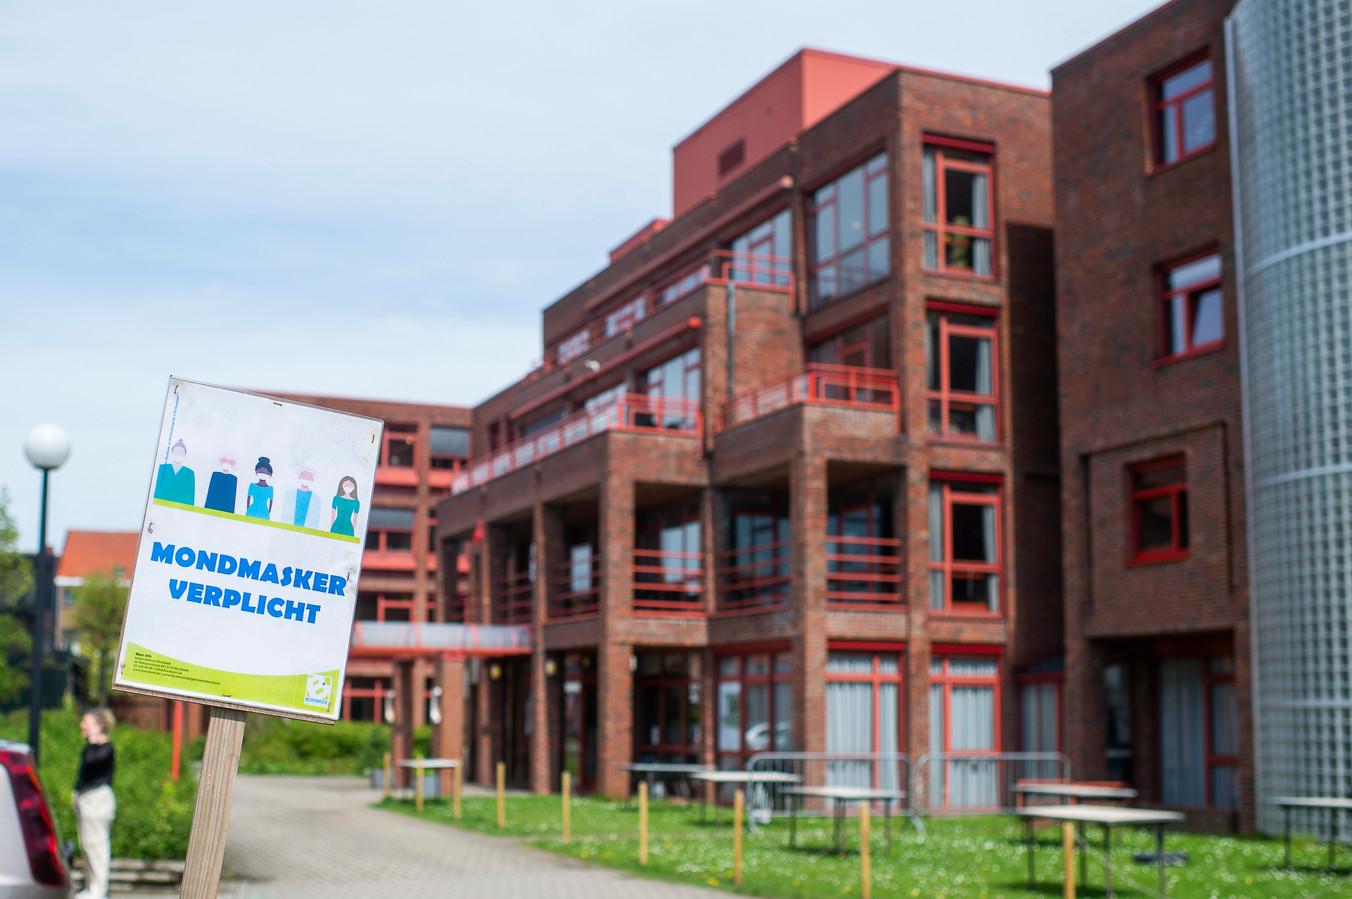 Na een grote testronde in woonzorgcentrum Compostela blijkt  dat slechts één extra bewoner positief testte op het virus. De vier andere besmette bewoners stellen het goed.